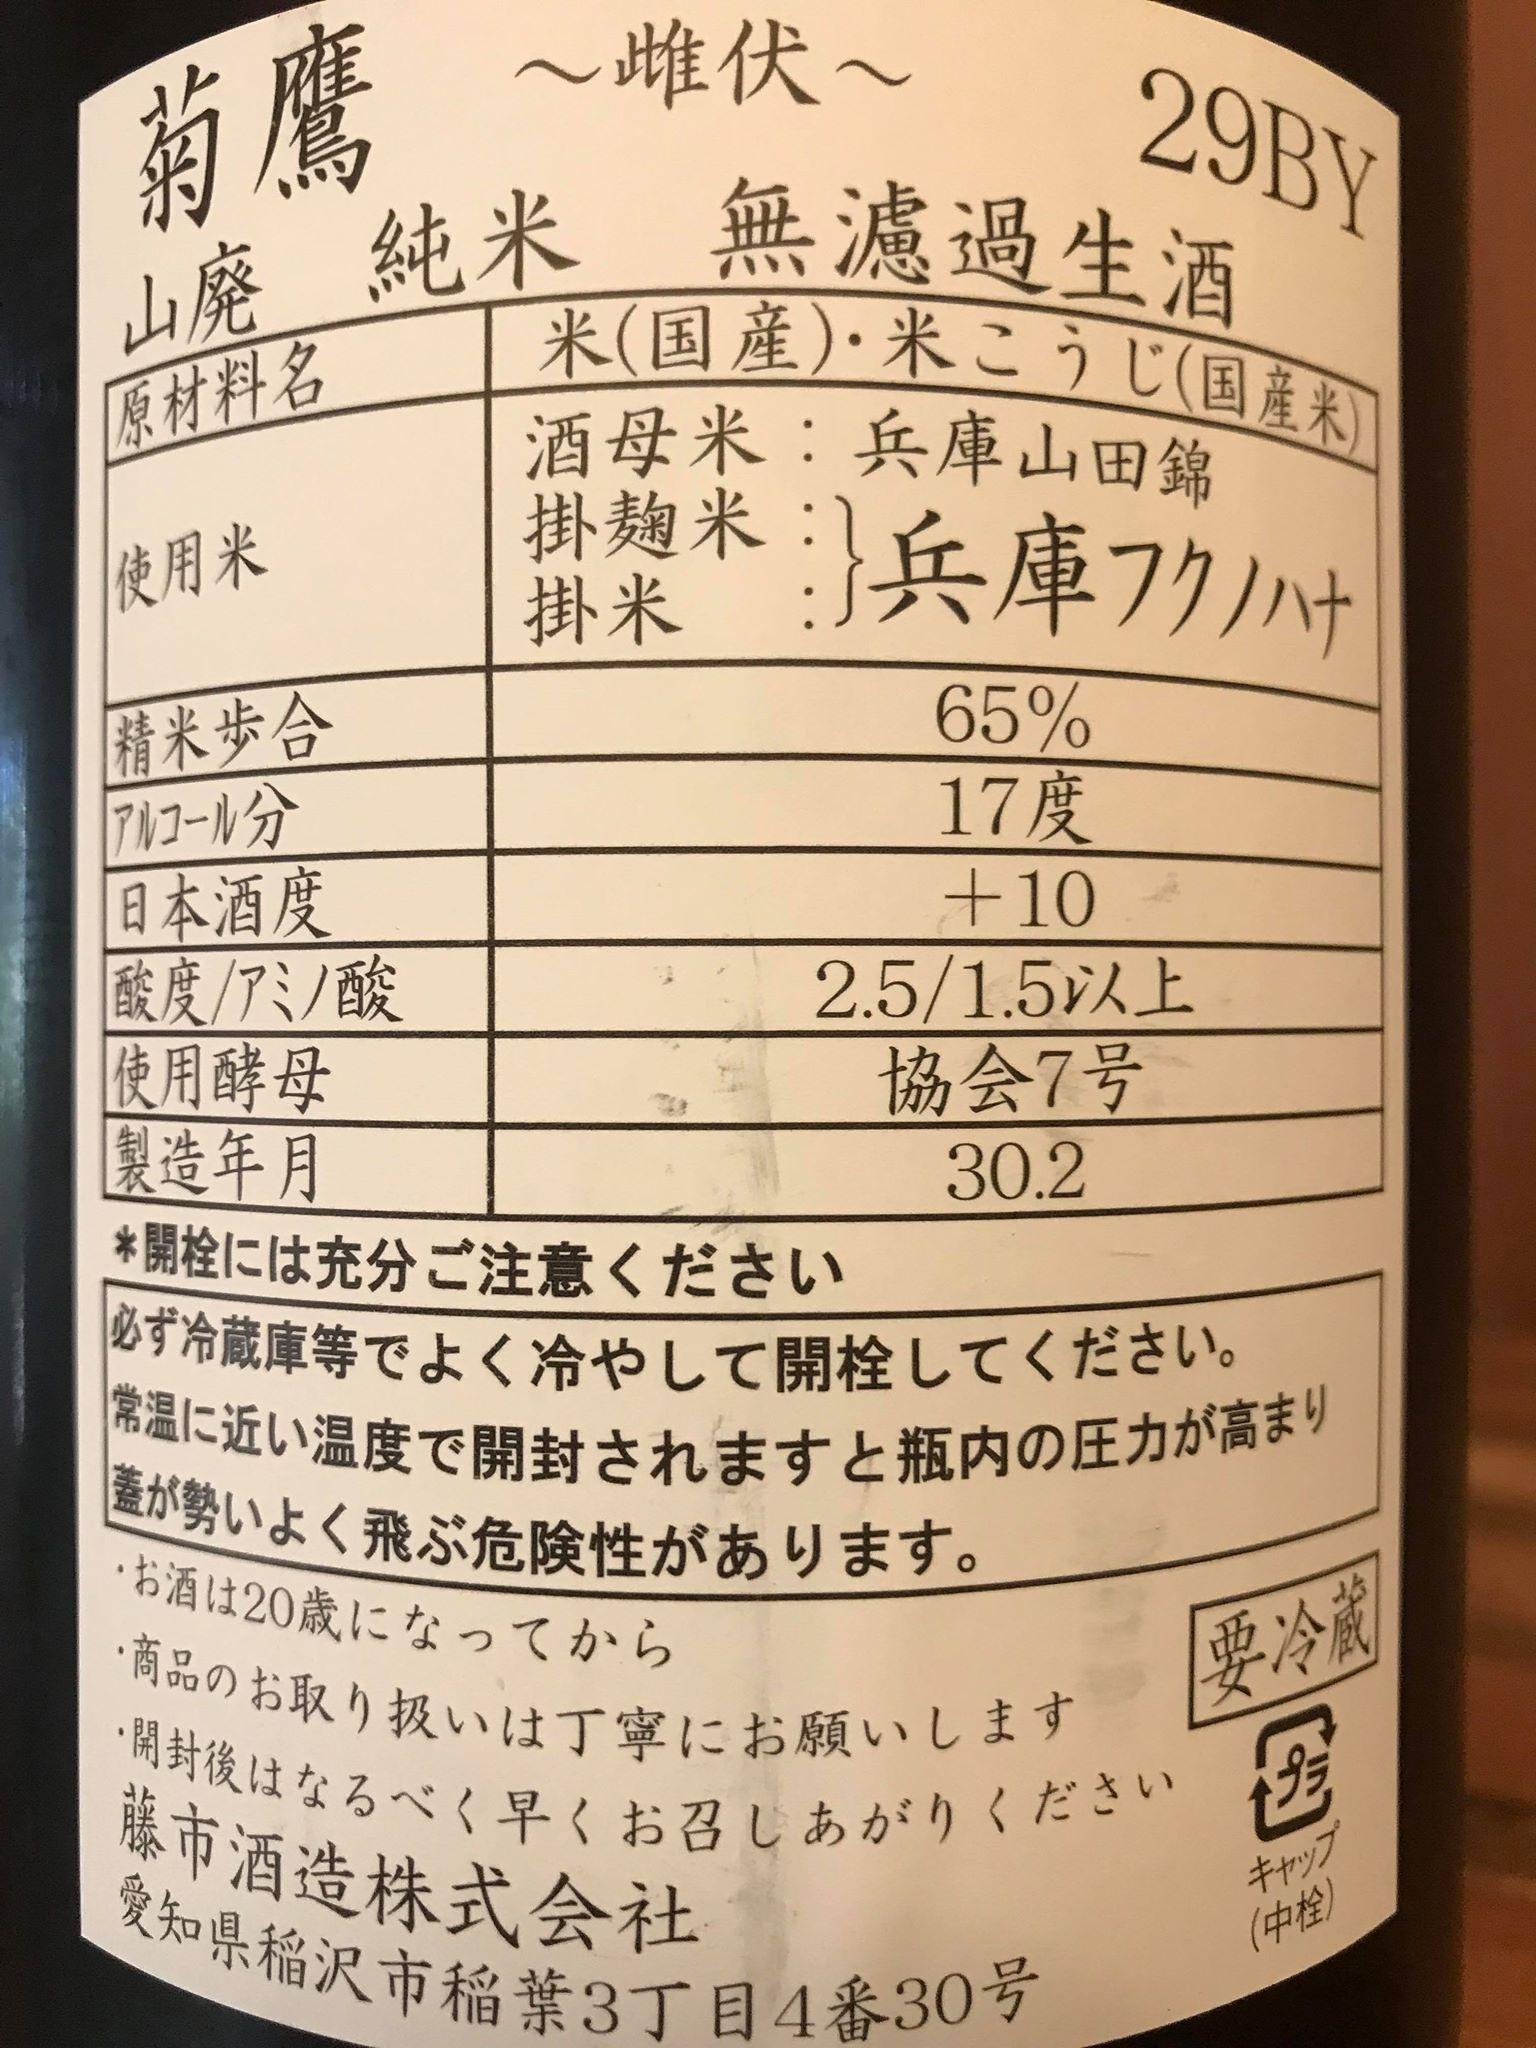 【日本酒】菊鷹 山廃 純米 雌伏 無濾過生酒 辛口+10 限定 29BY_e0173738_10155271.jpg